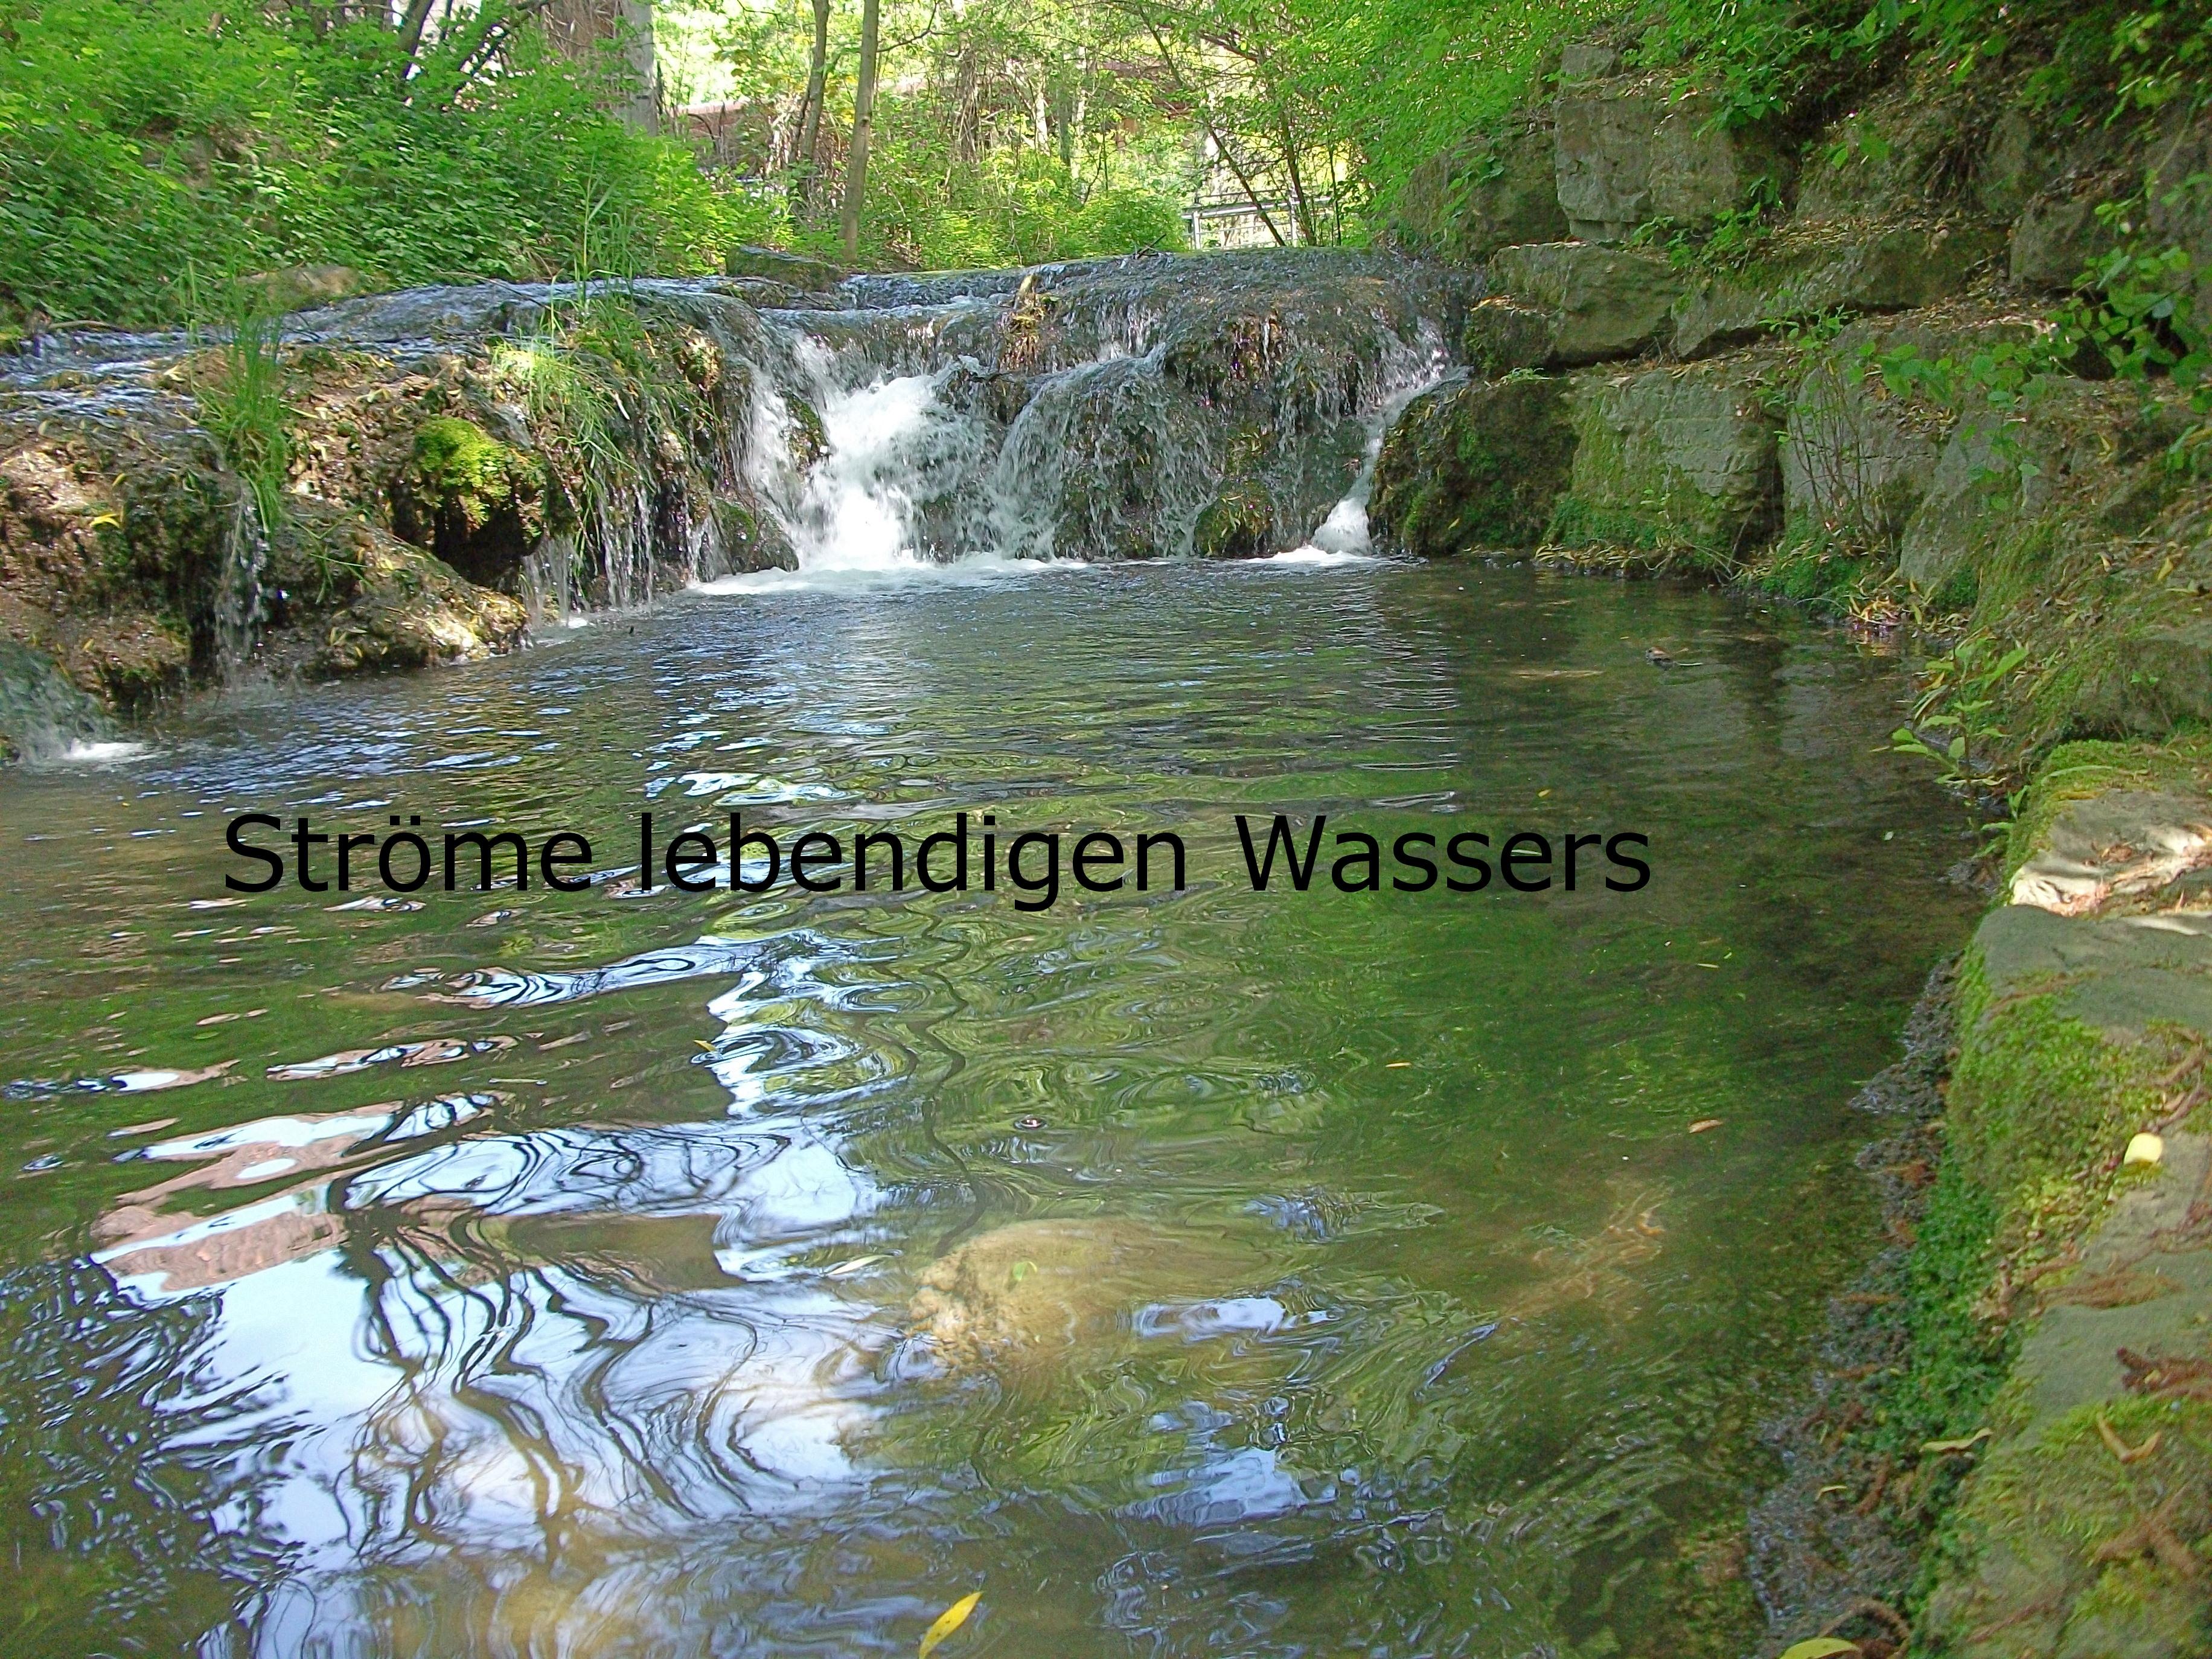 dscf1436hellert - 'Lebenidges Wasser' in Strömen